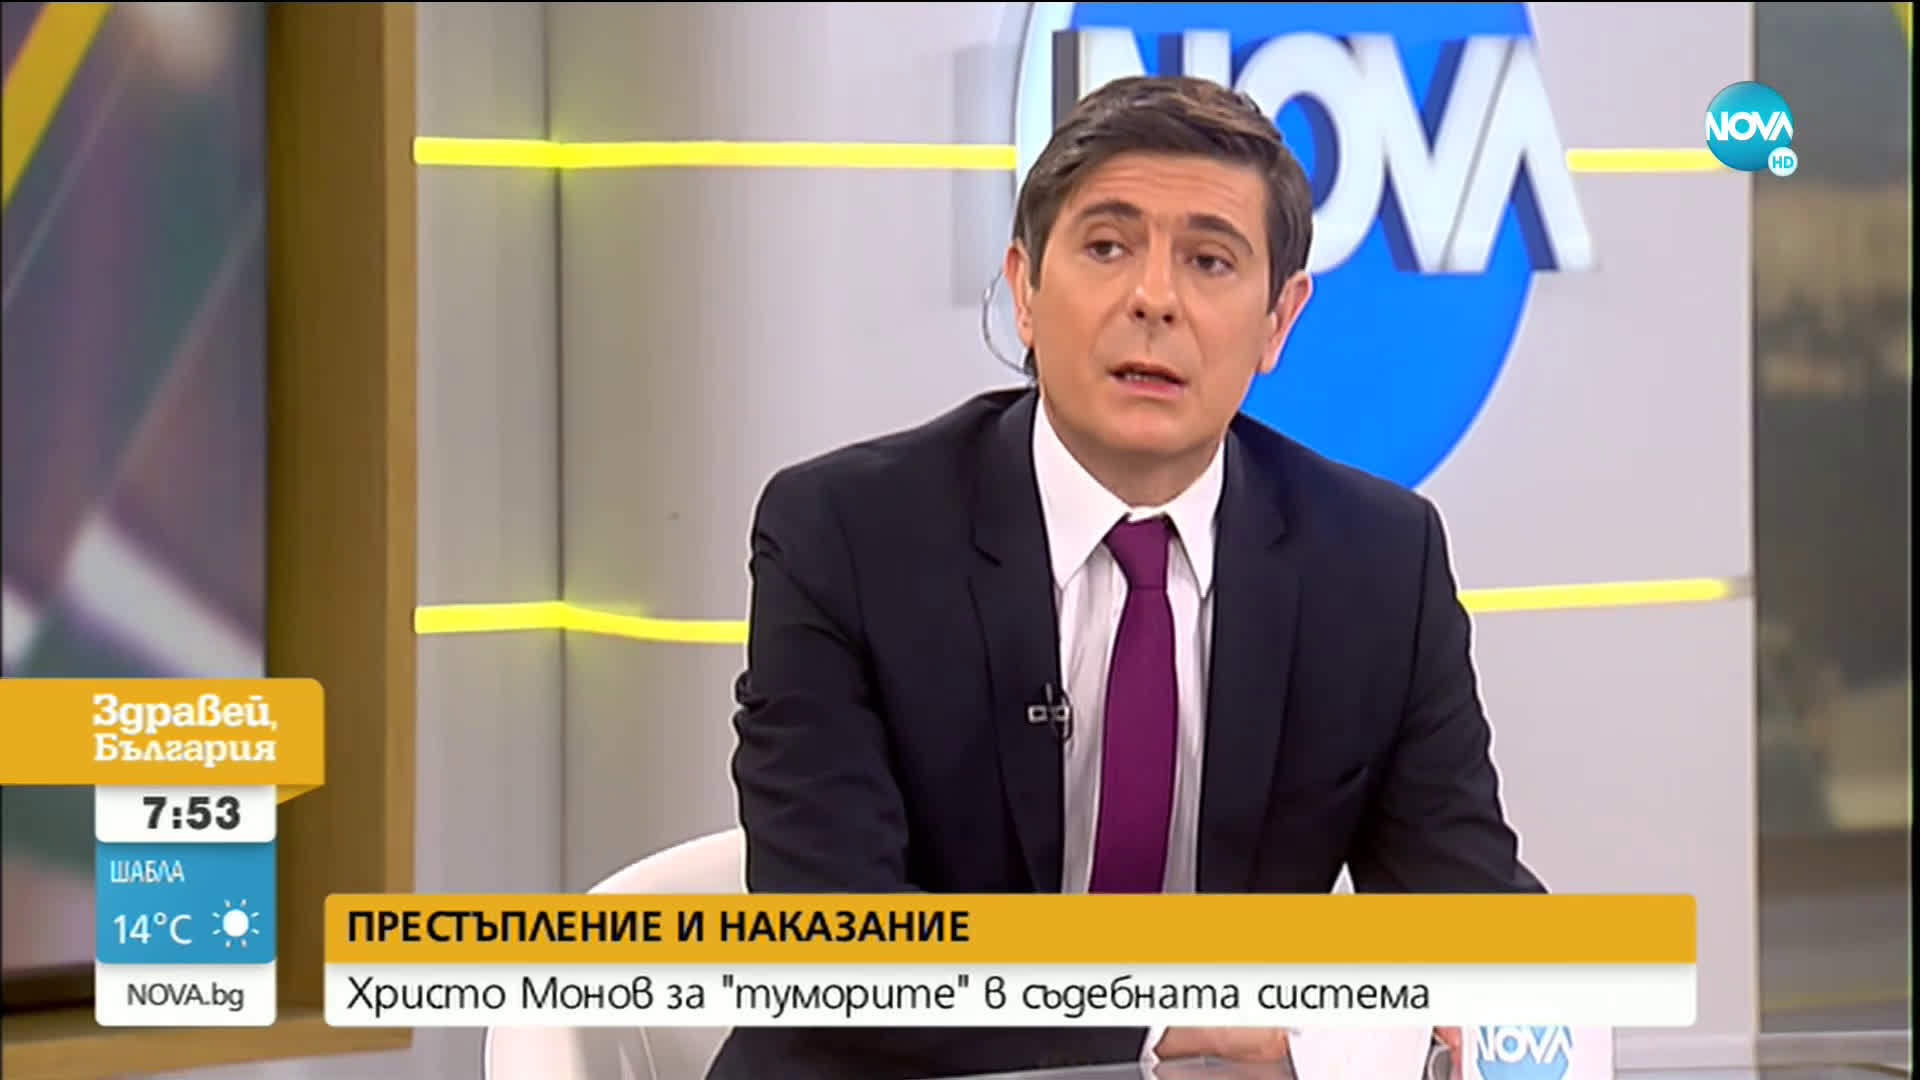 Христо Монов: Очаквах искане за възобновяване на делото за убийството на сина ми